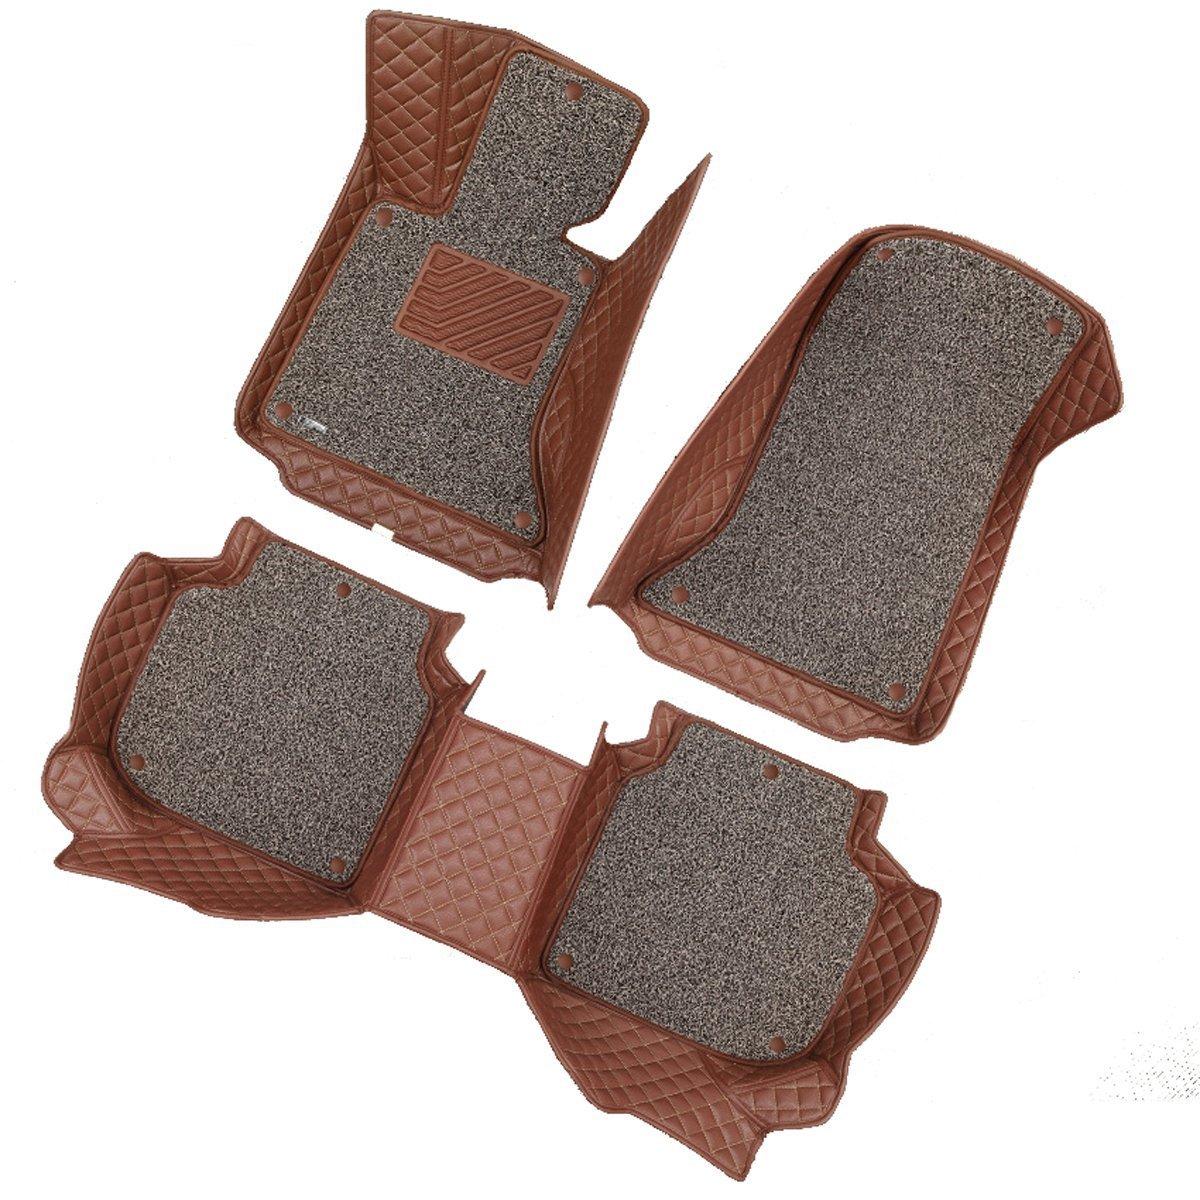 车邦士 标致207 汽车脚垫 大包围专车脚垫 专款专用脚垫 丝圈防滑脚垫